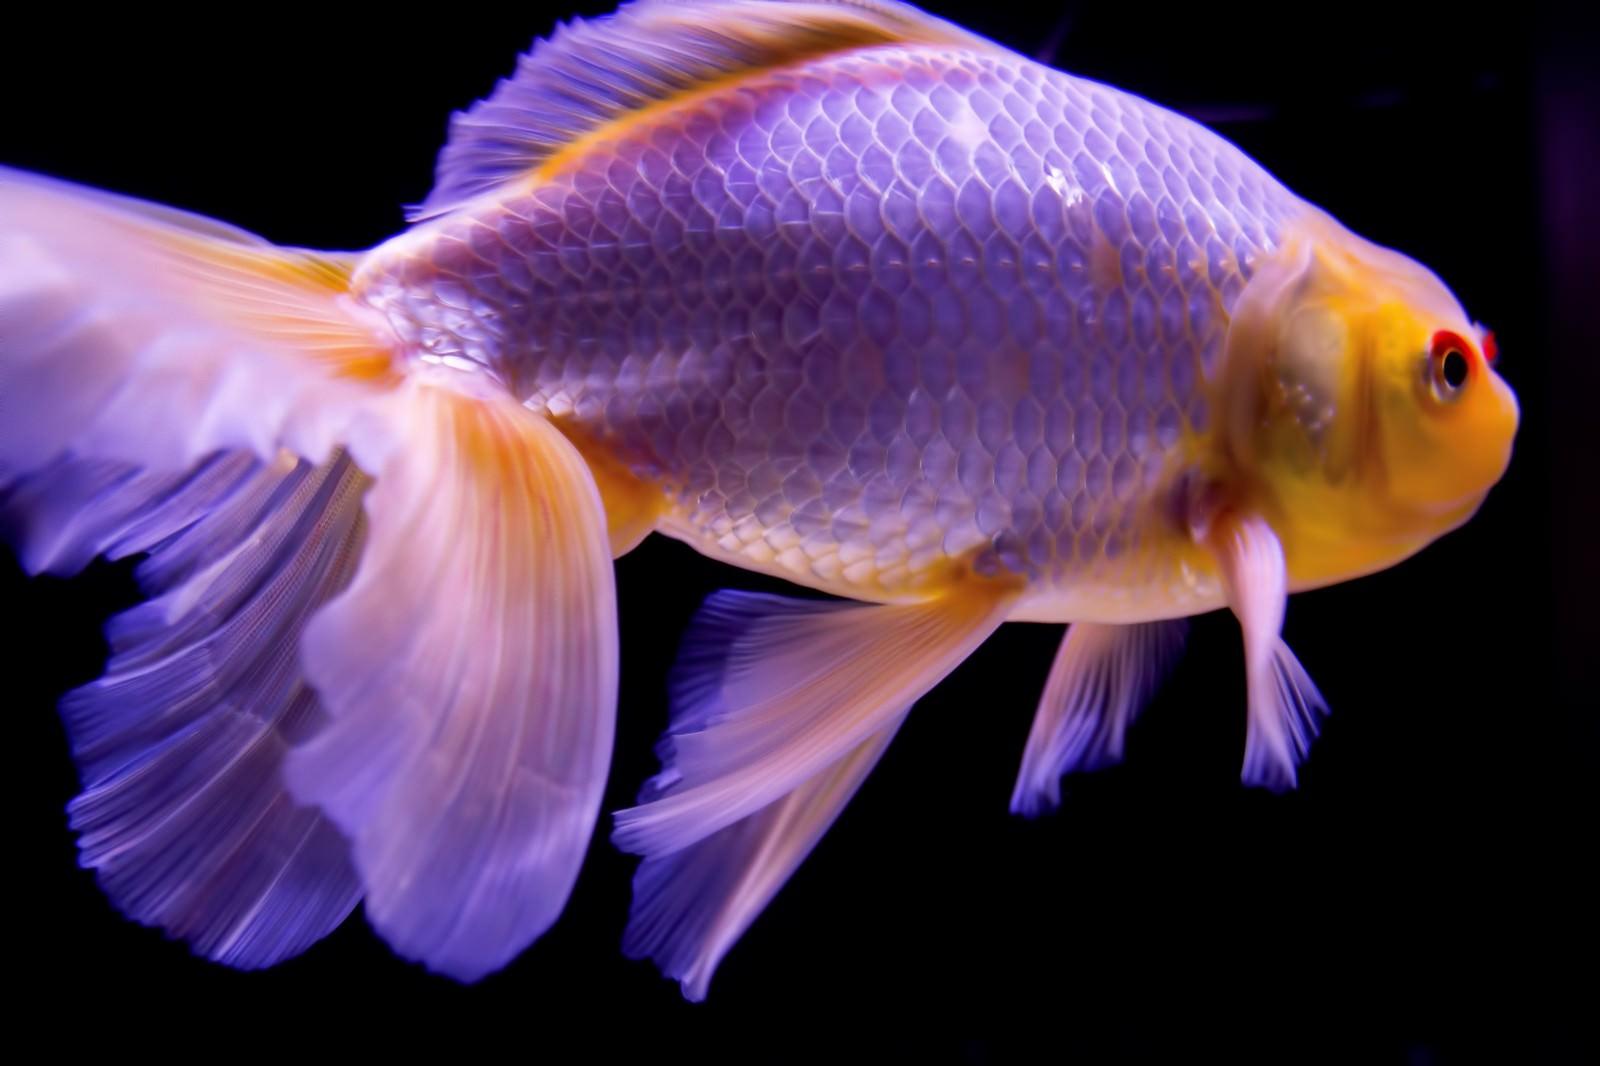 「尾びれが素敵な金魚」の写真